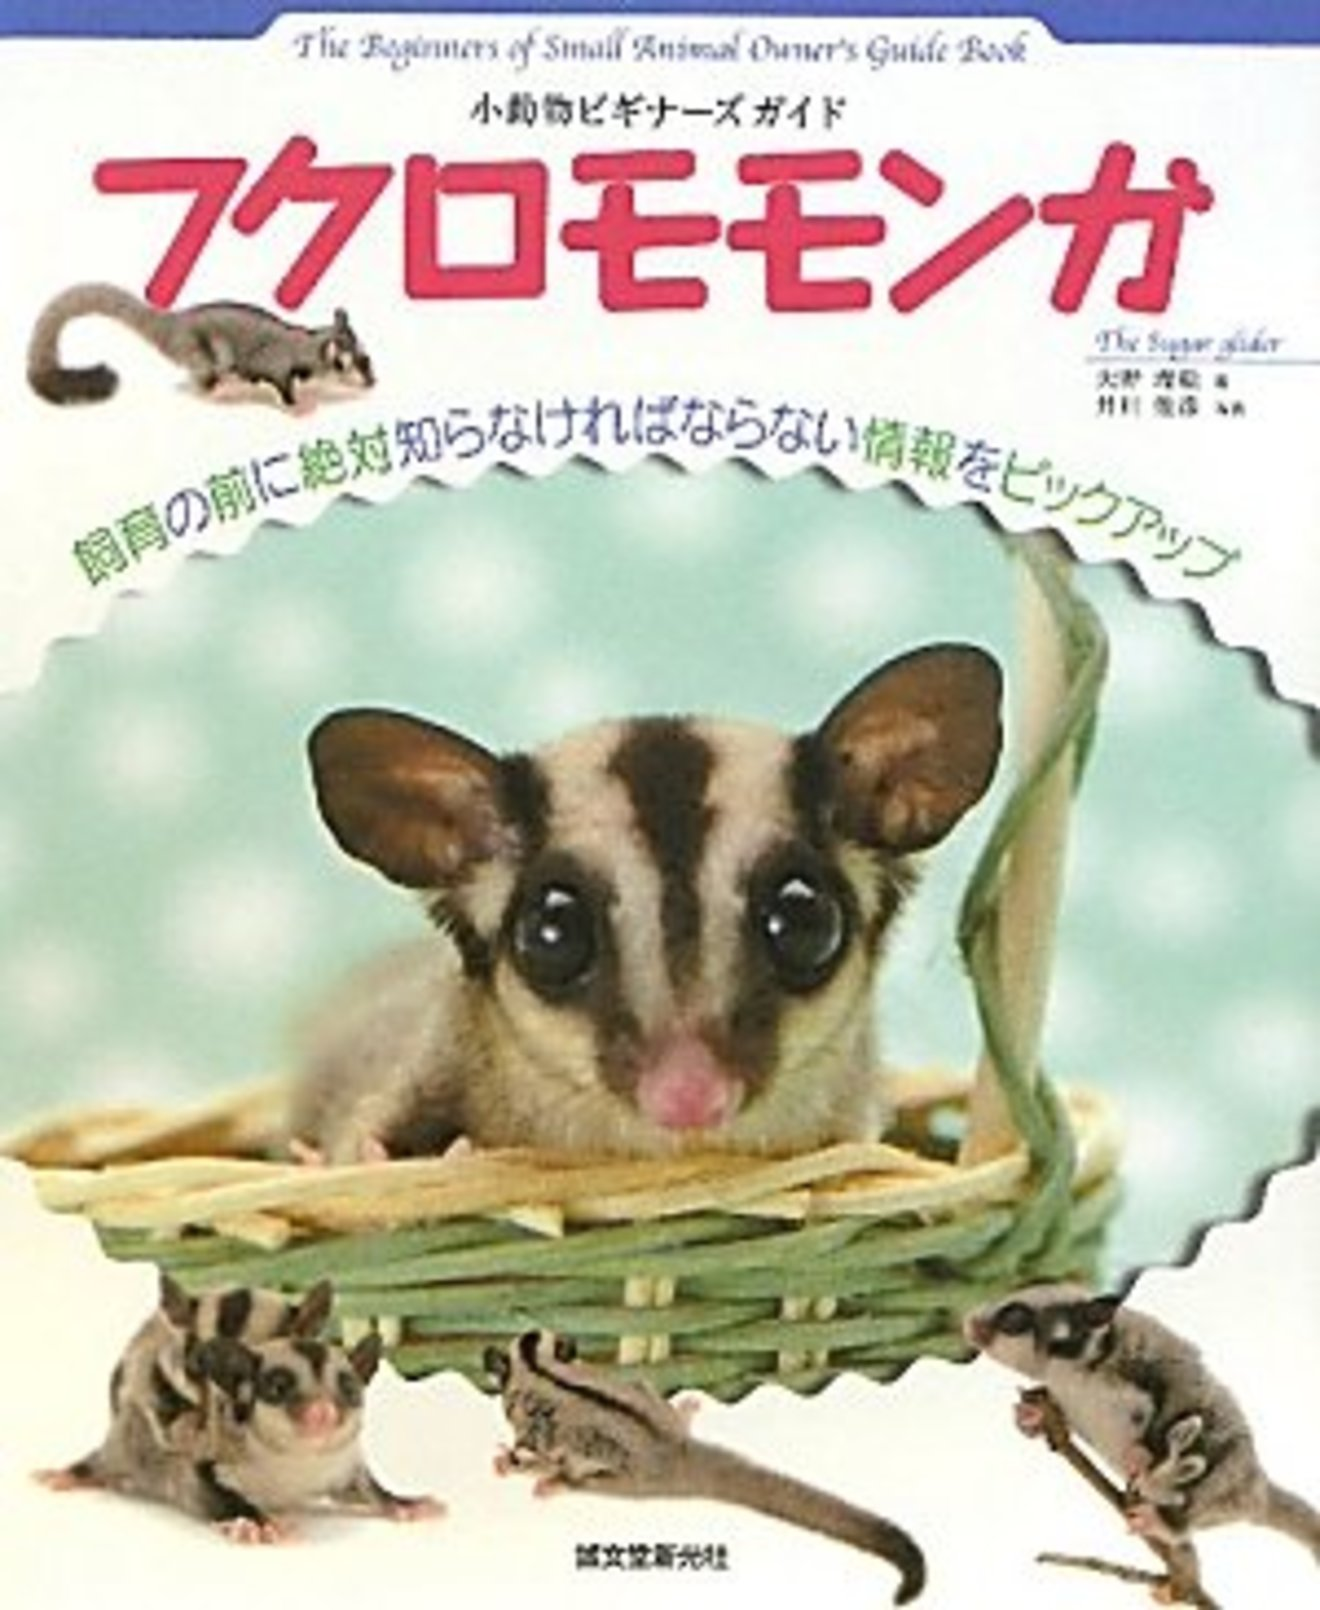 モモンガの飼育方法をご紹介!種類や生態をきちんと理解しましょう